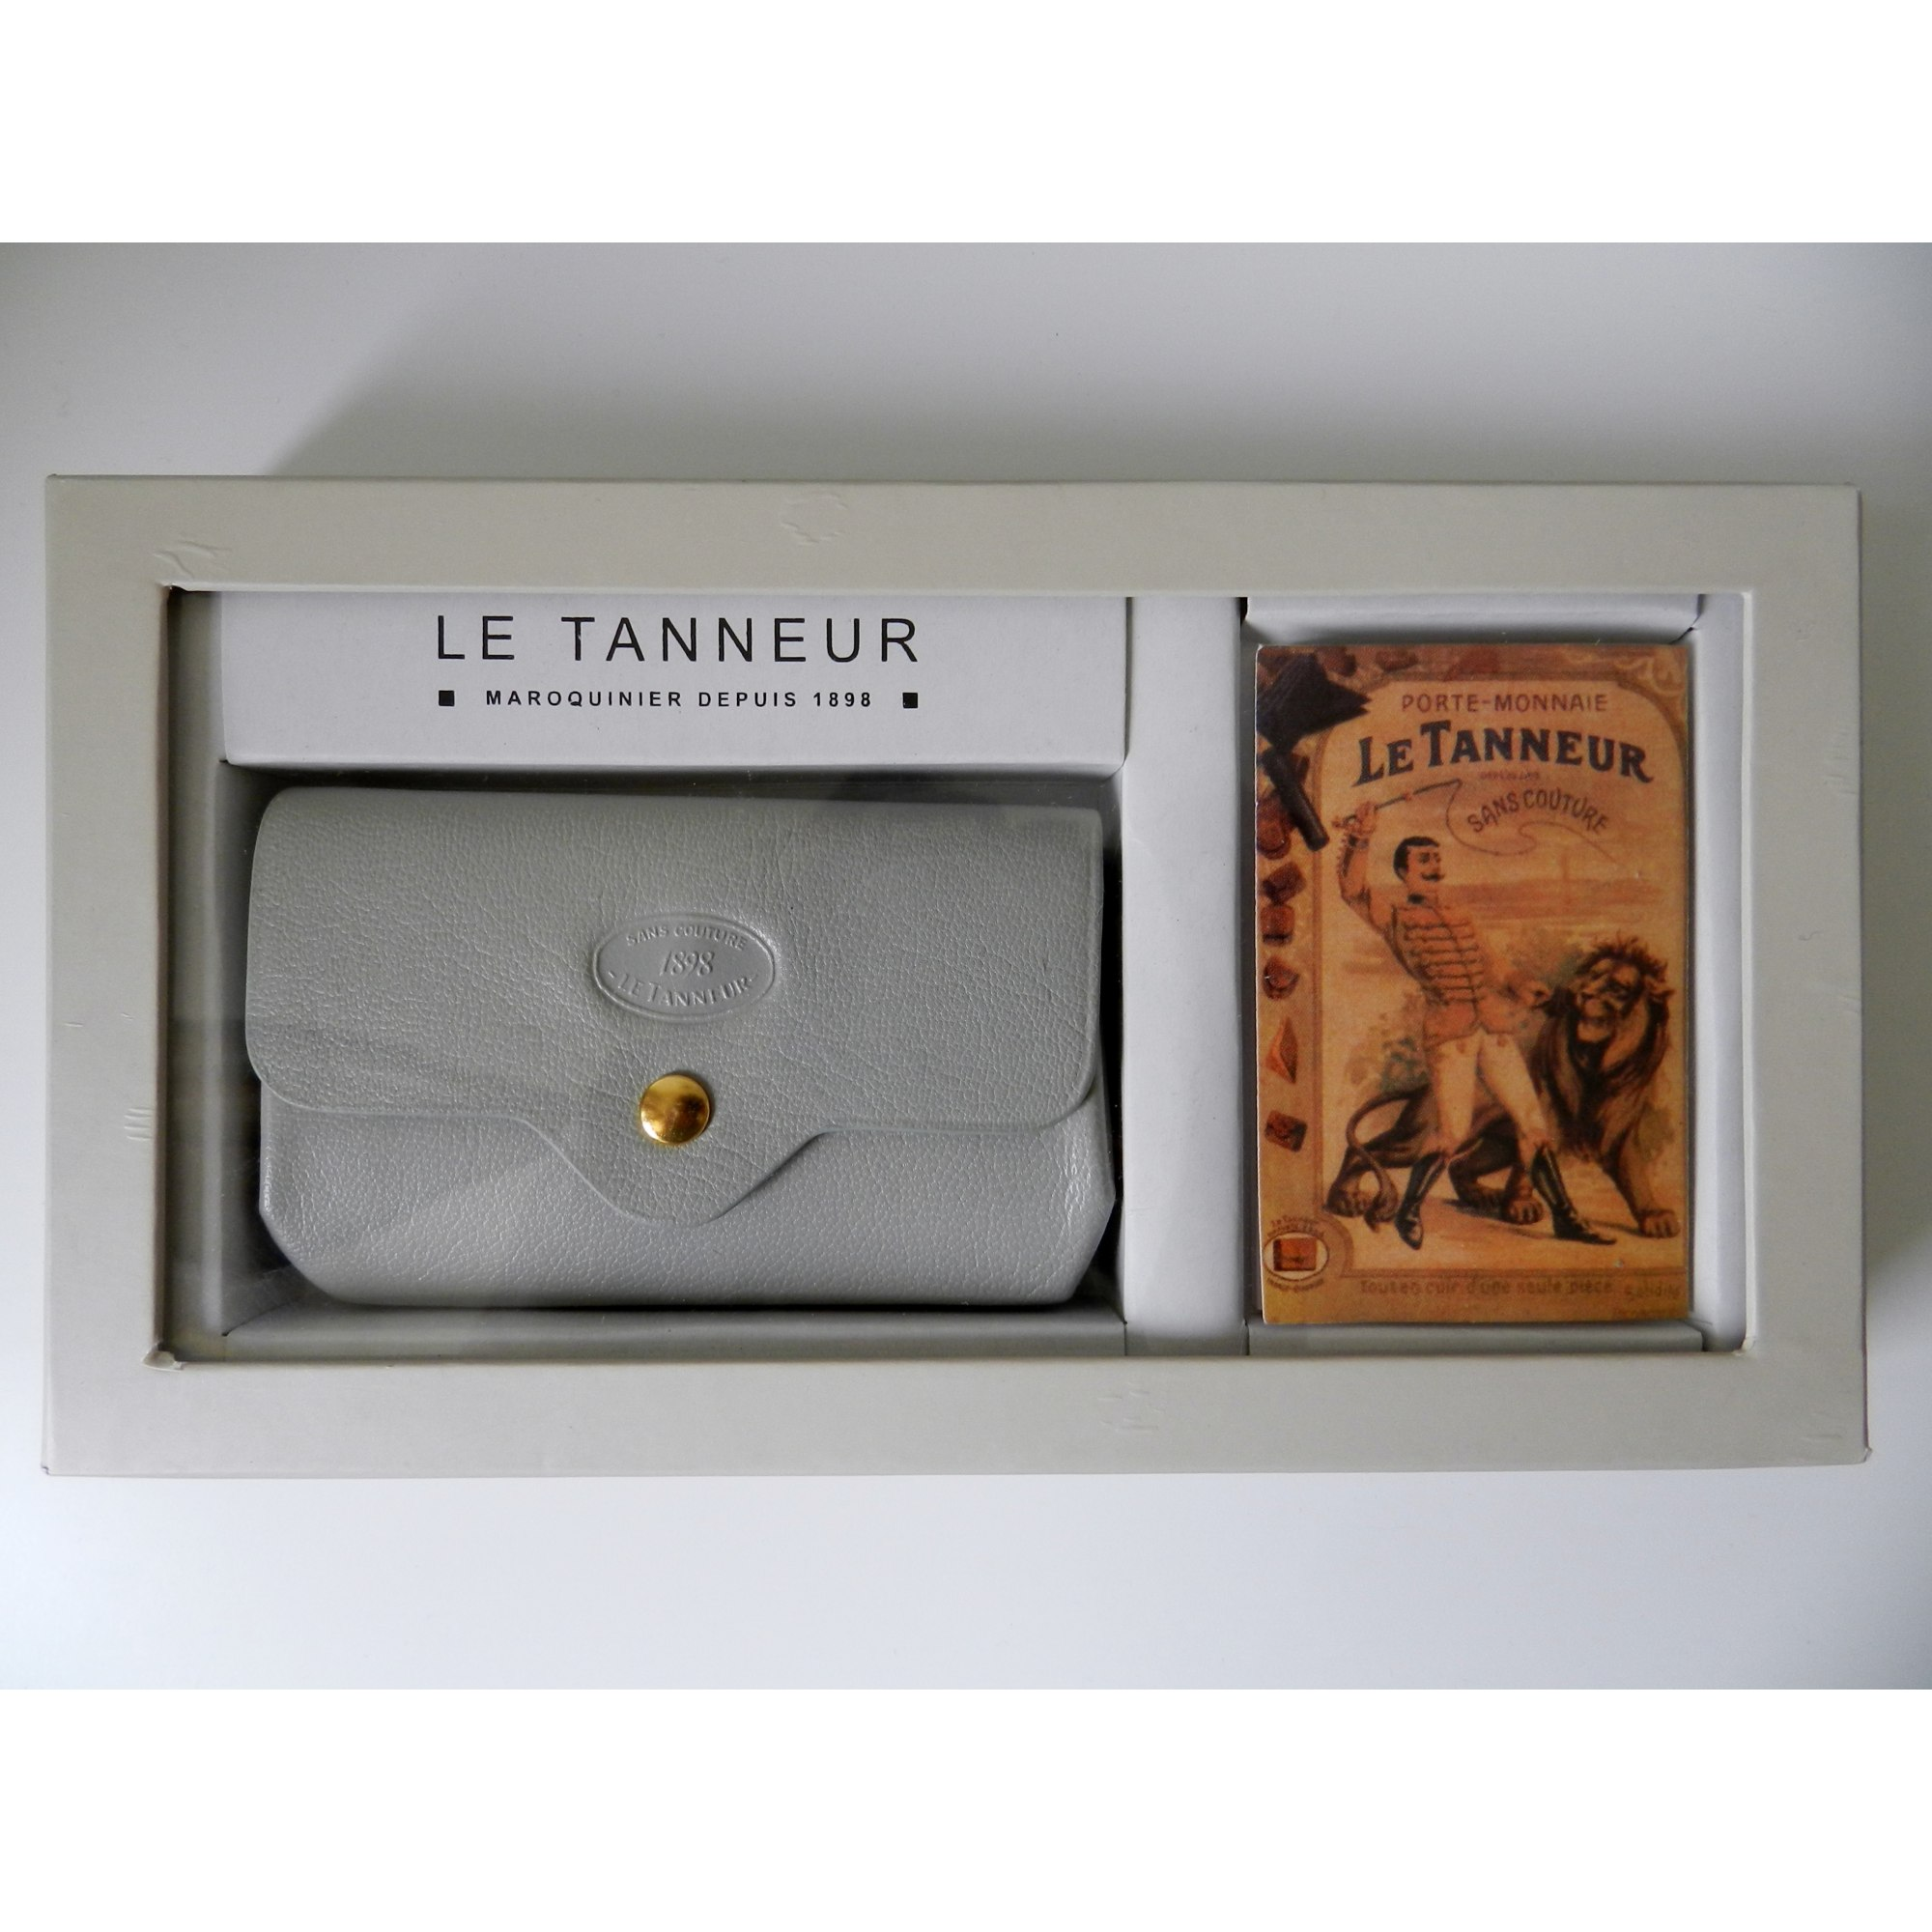 Monnaie Gris Porte Romane Tanneur 292275 Lecarpentier Par Le Vendu 3KFJTl1c